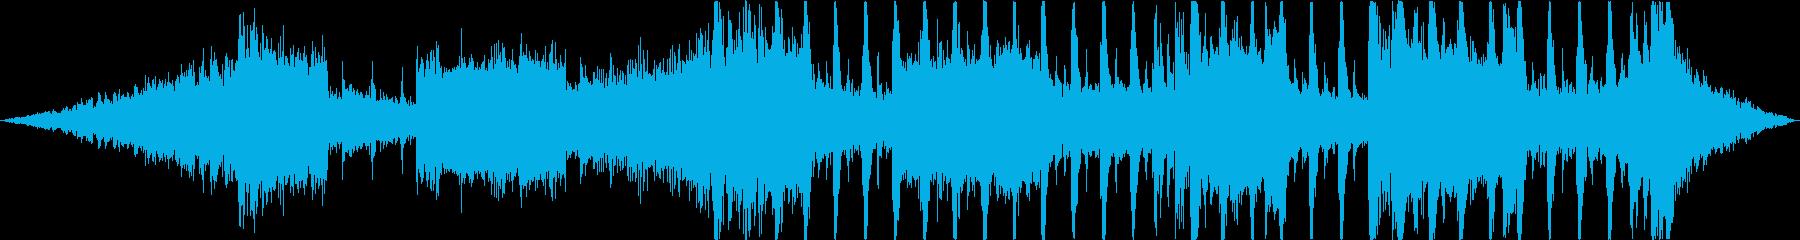 テクノ系テクスチャー 30秒CM向けの再生済みの波形